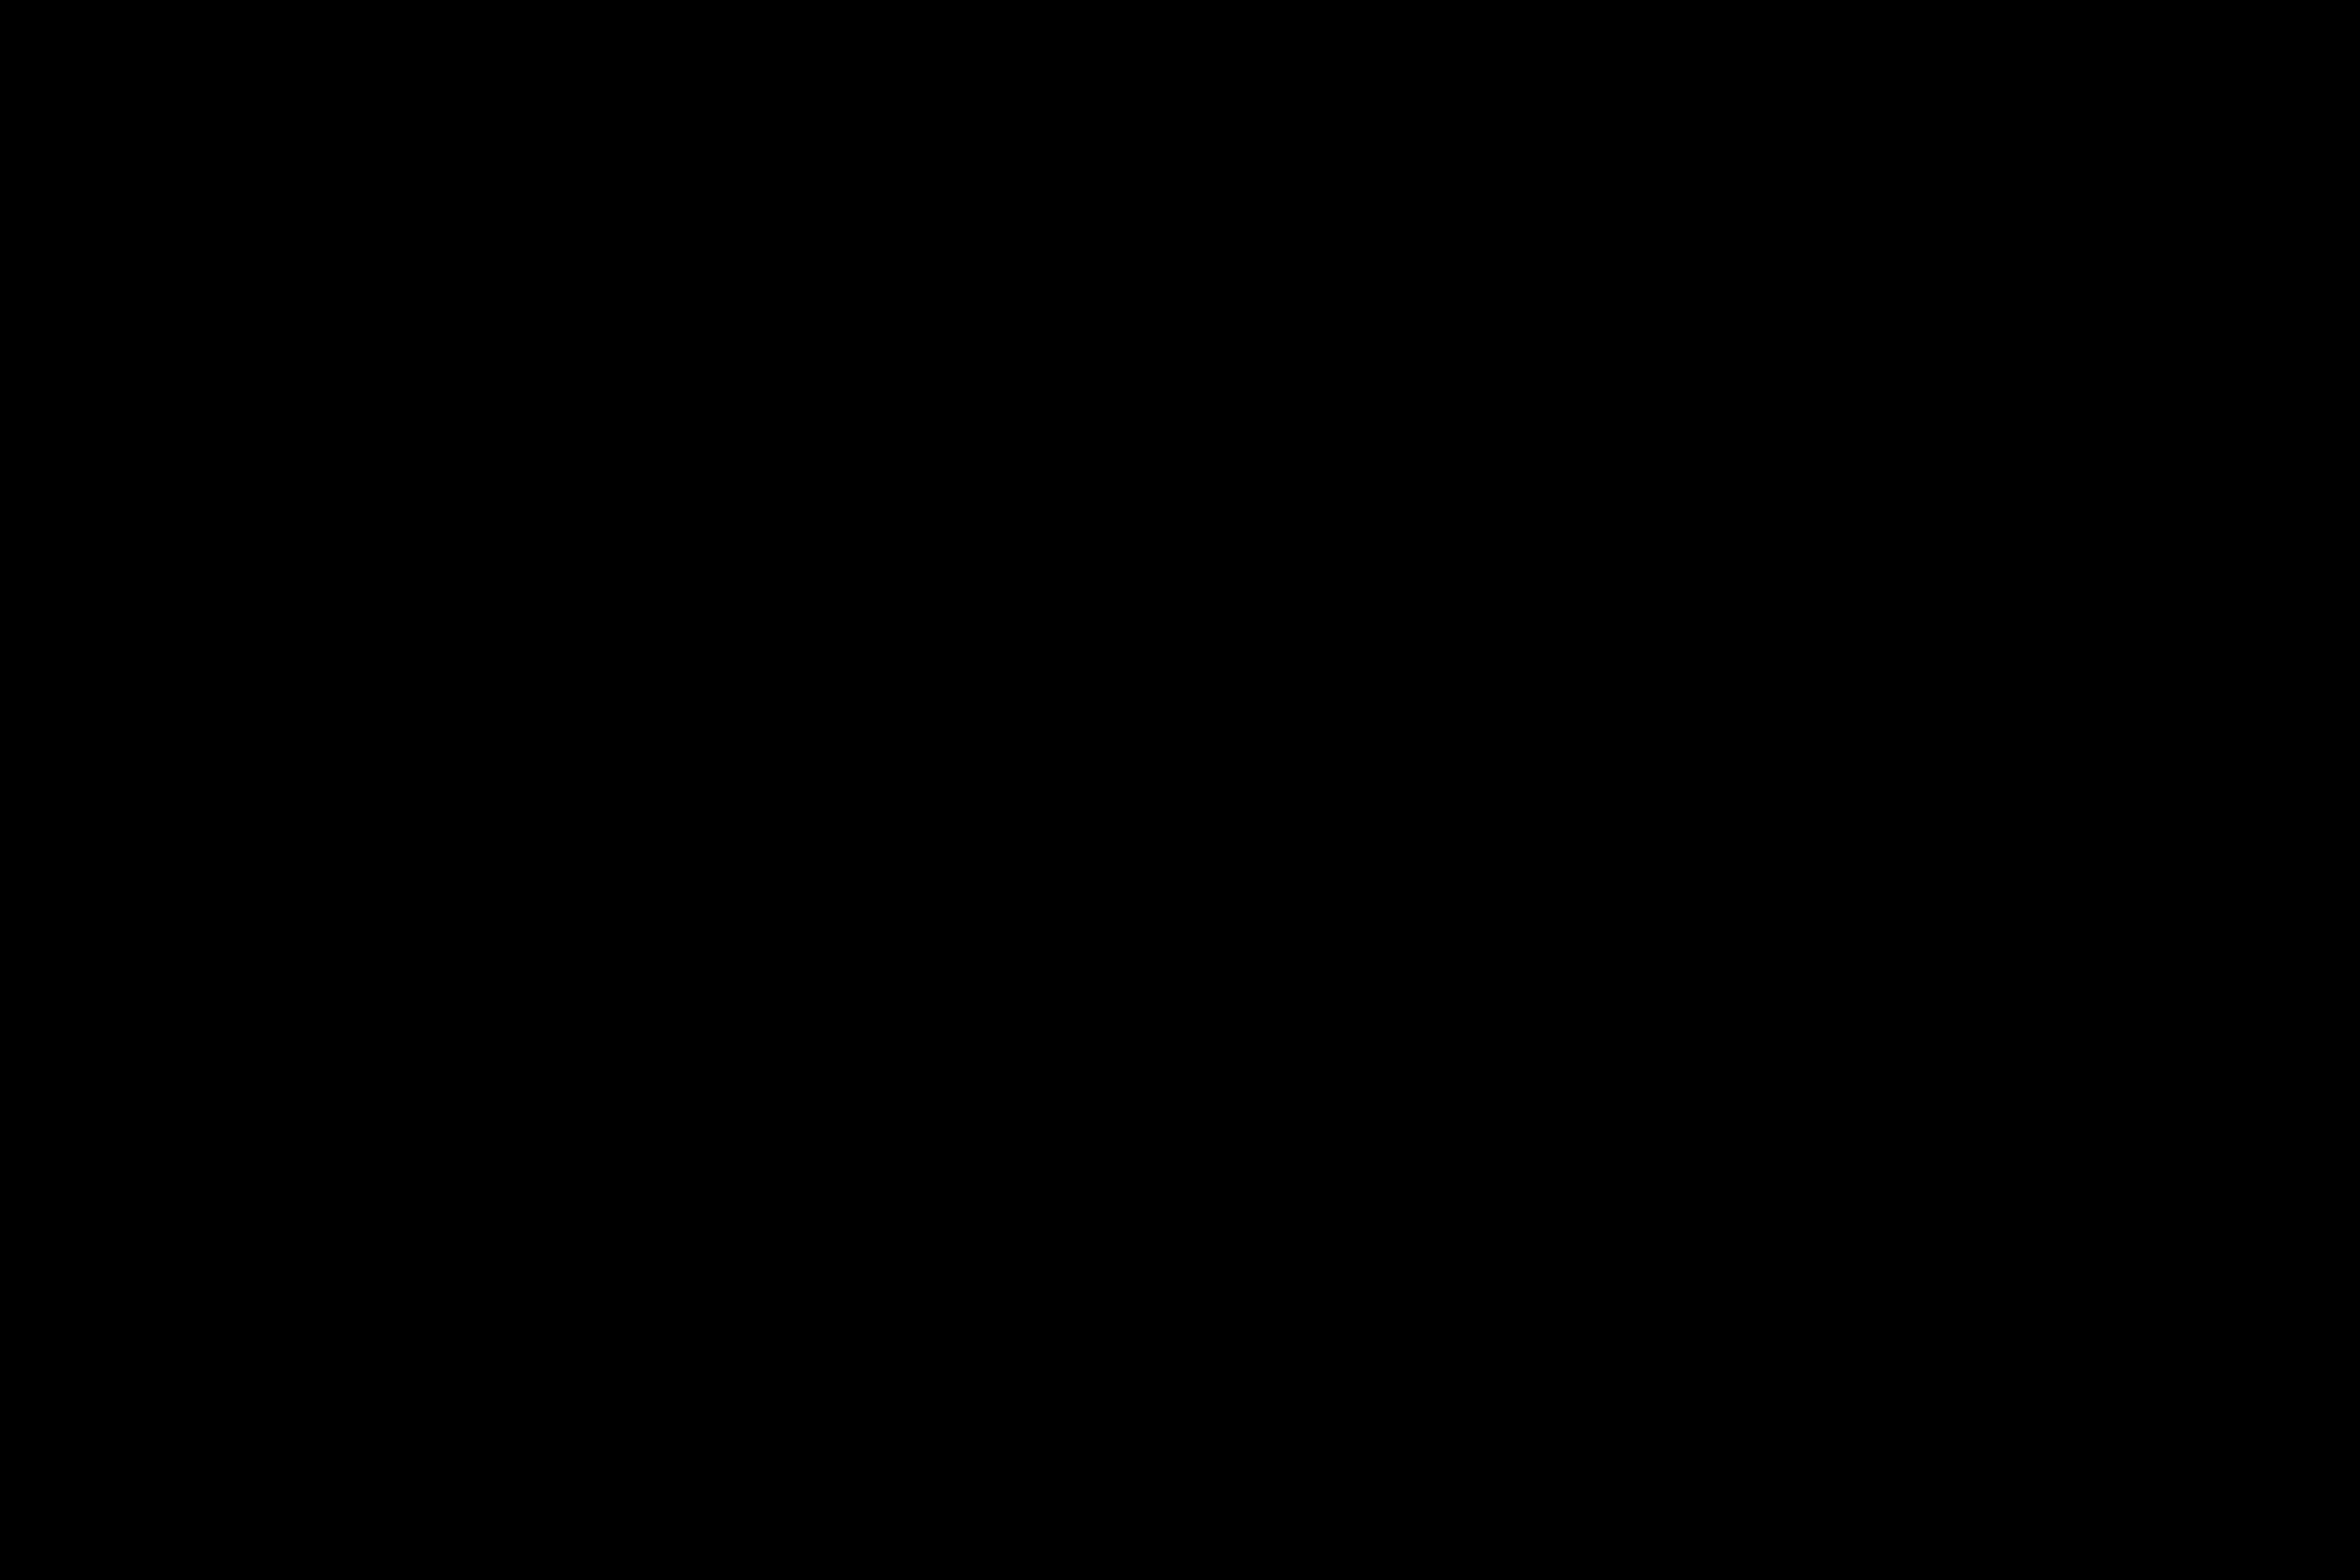 Mann am Telefon   Quelle: Shutterstock